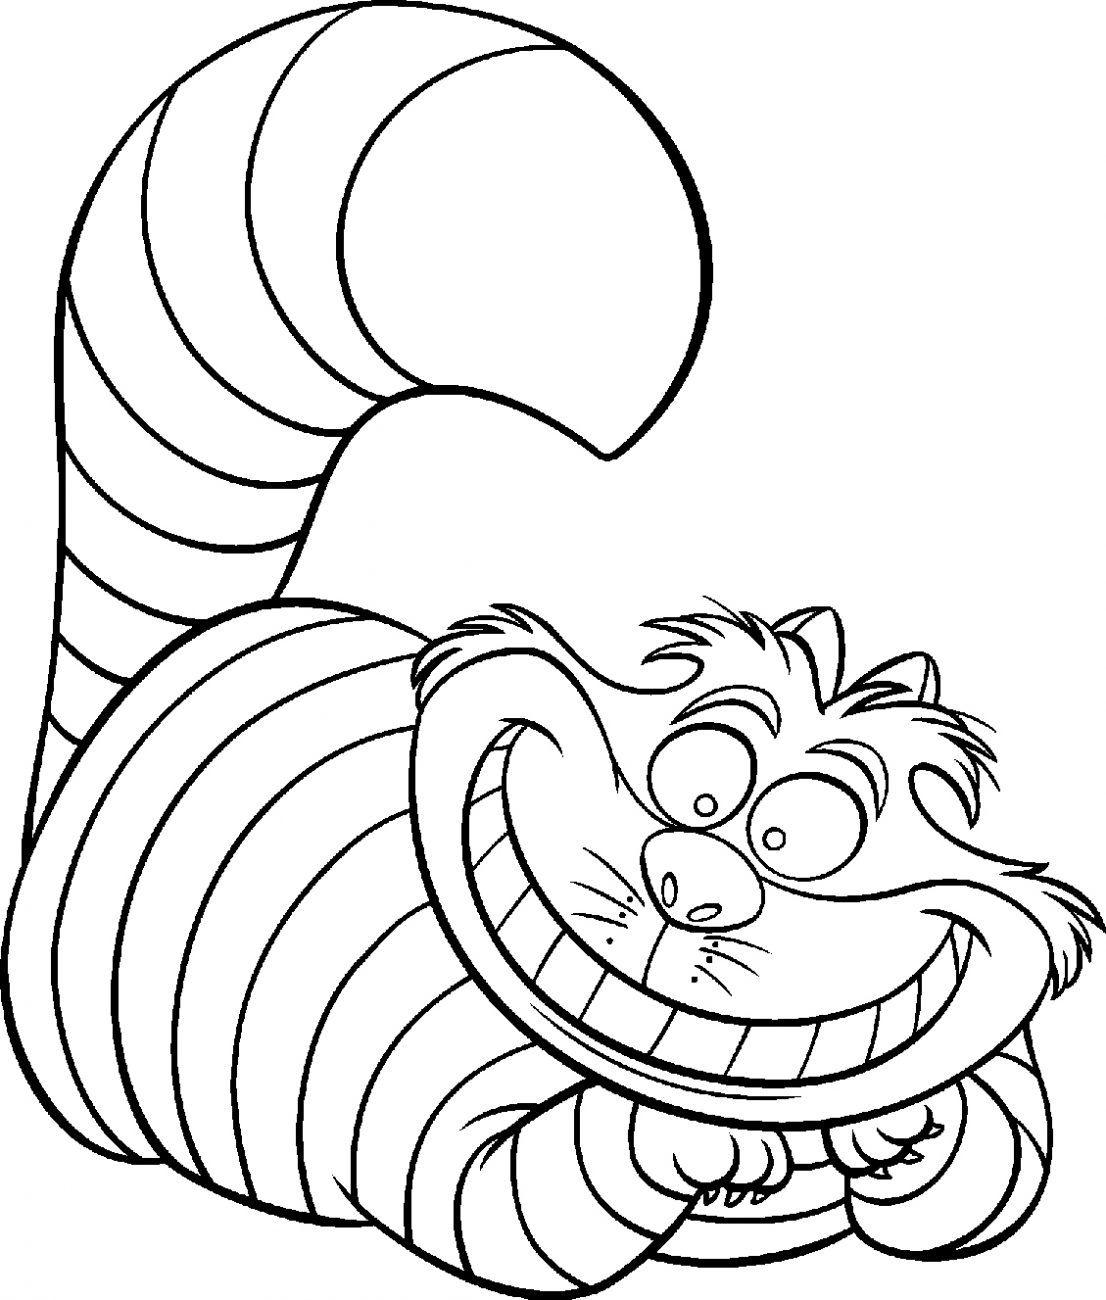 Dibujo infantil de Cheshire para colorear | dibujos | Pinterest ...